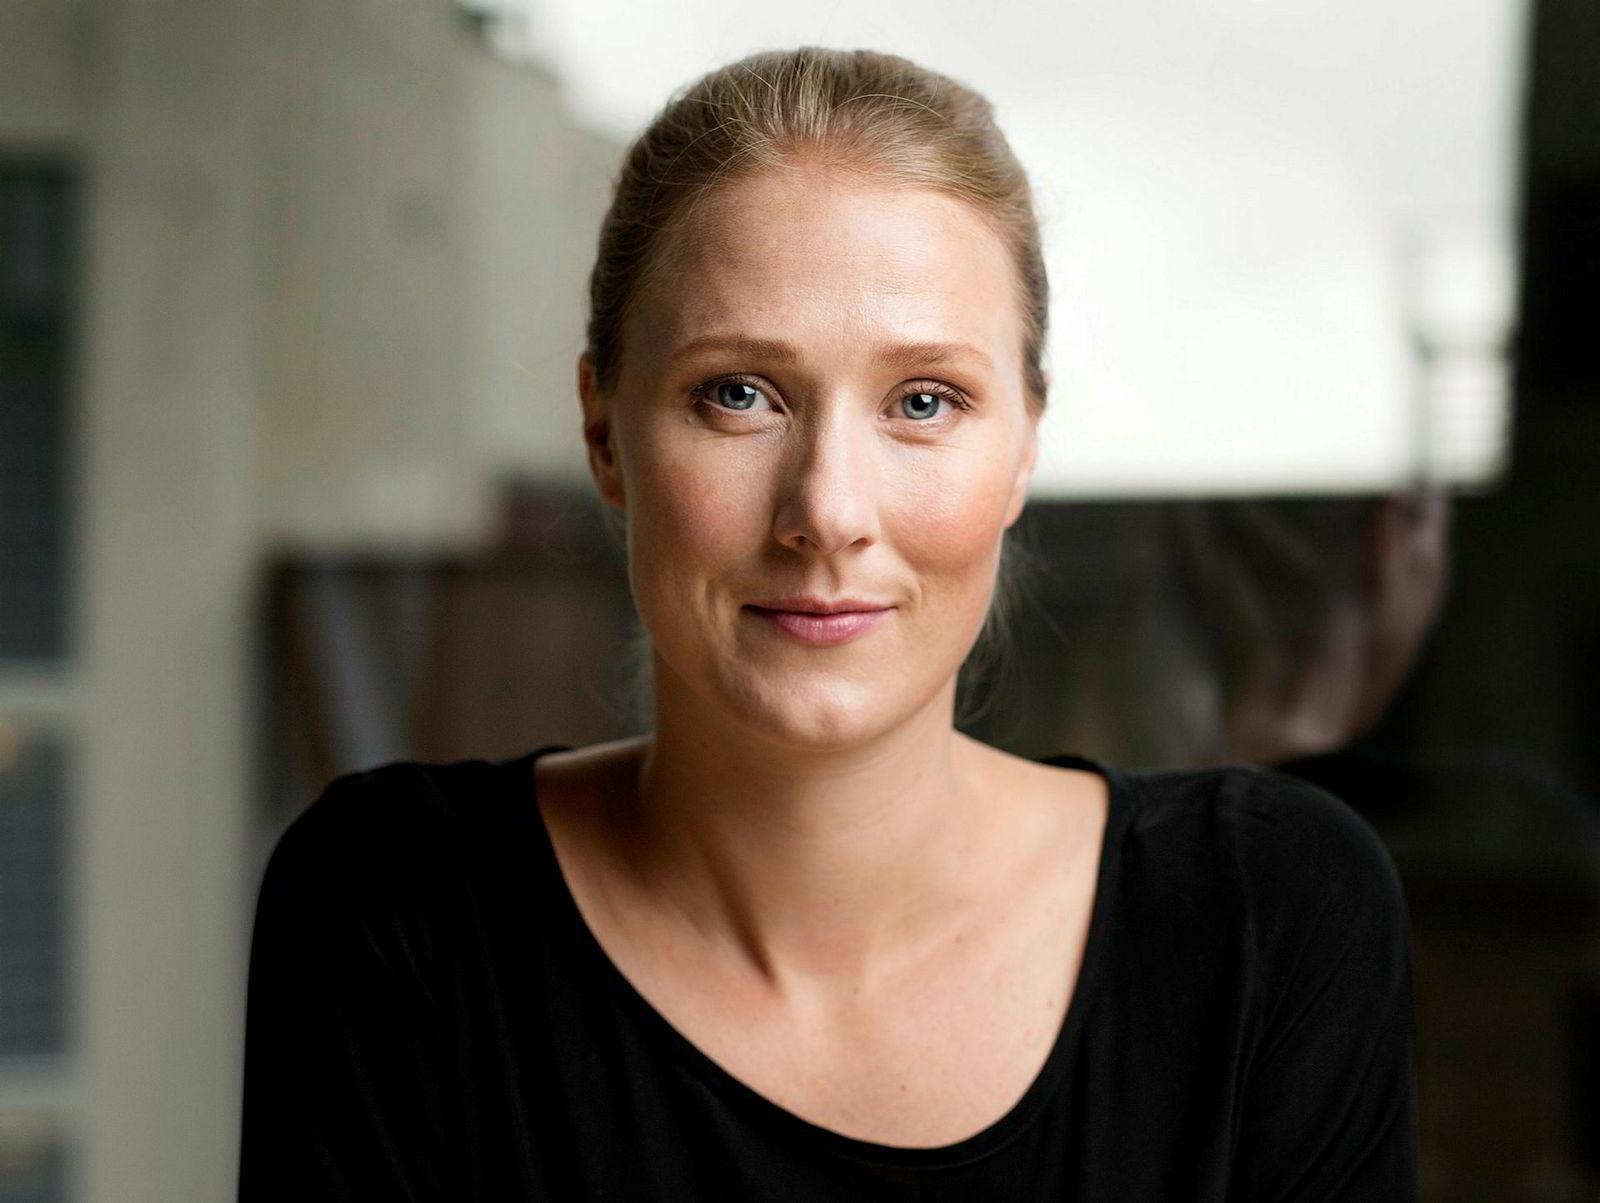 Kommunikasjonsdirektørstillingen som Kristin Welle-Strand fikk i 2015 var ikke lyst ut eksternt.